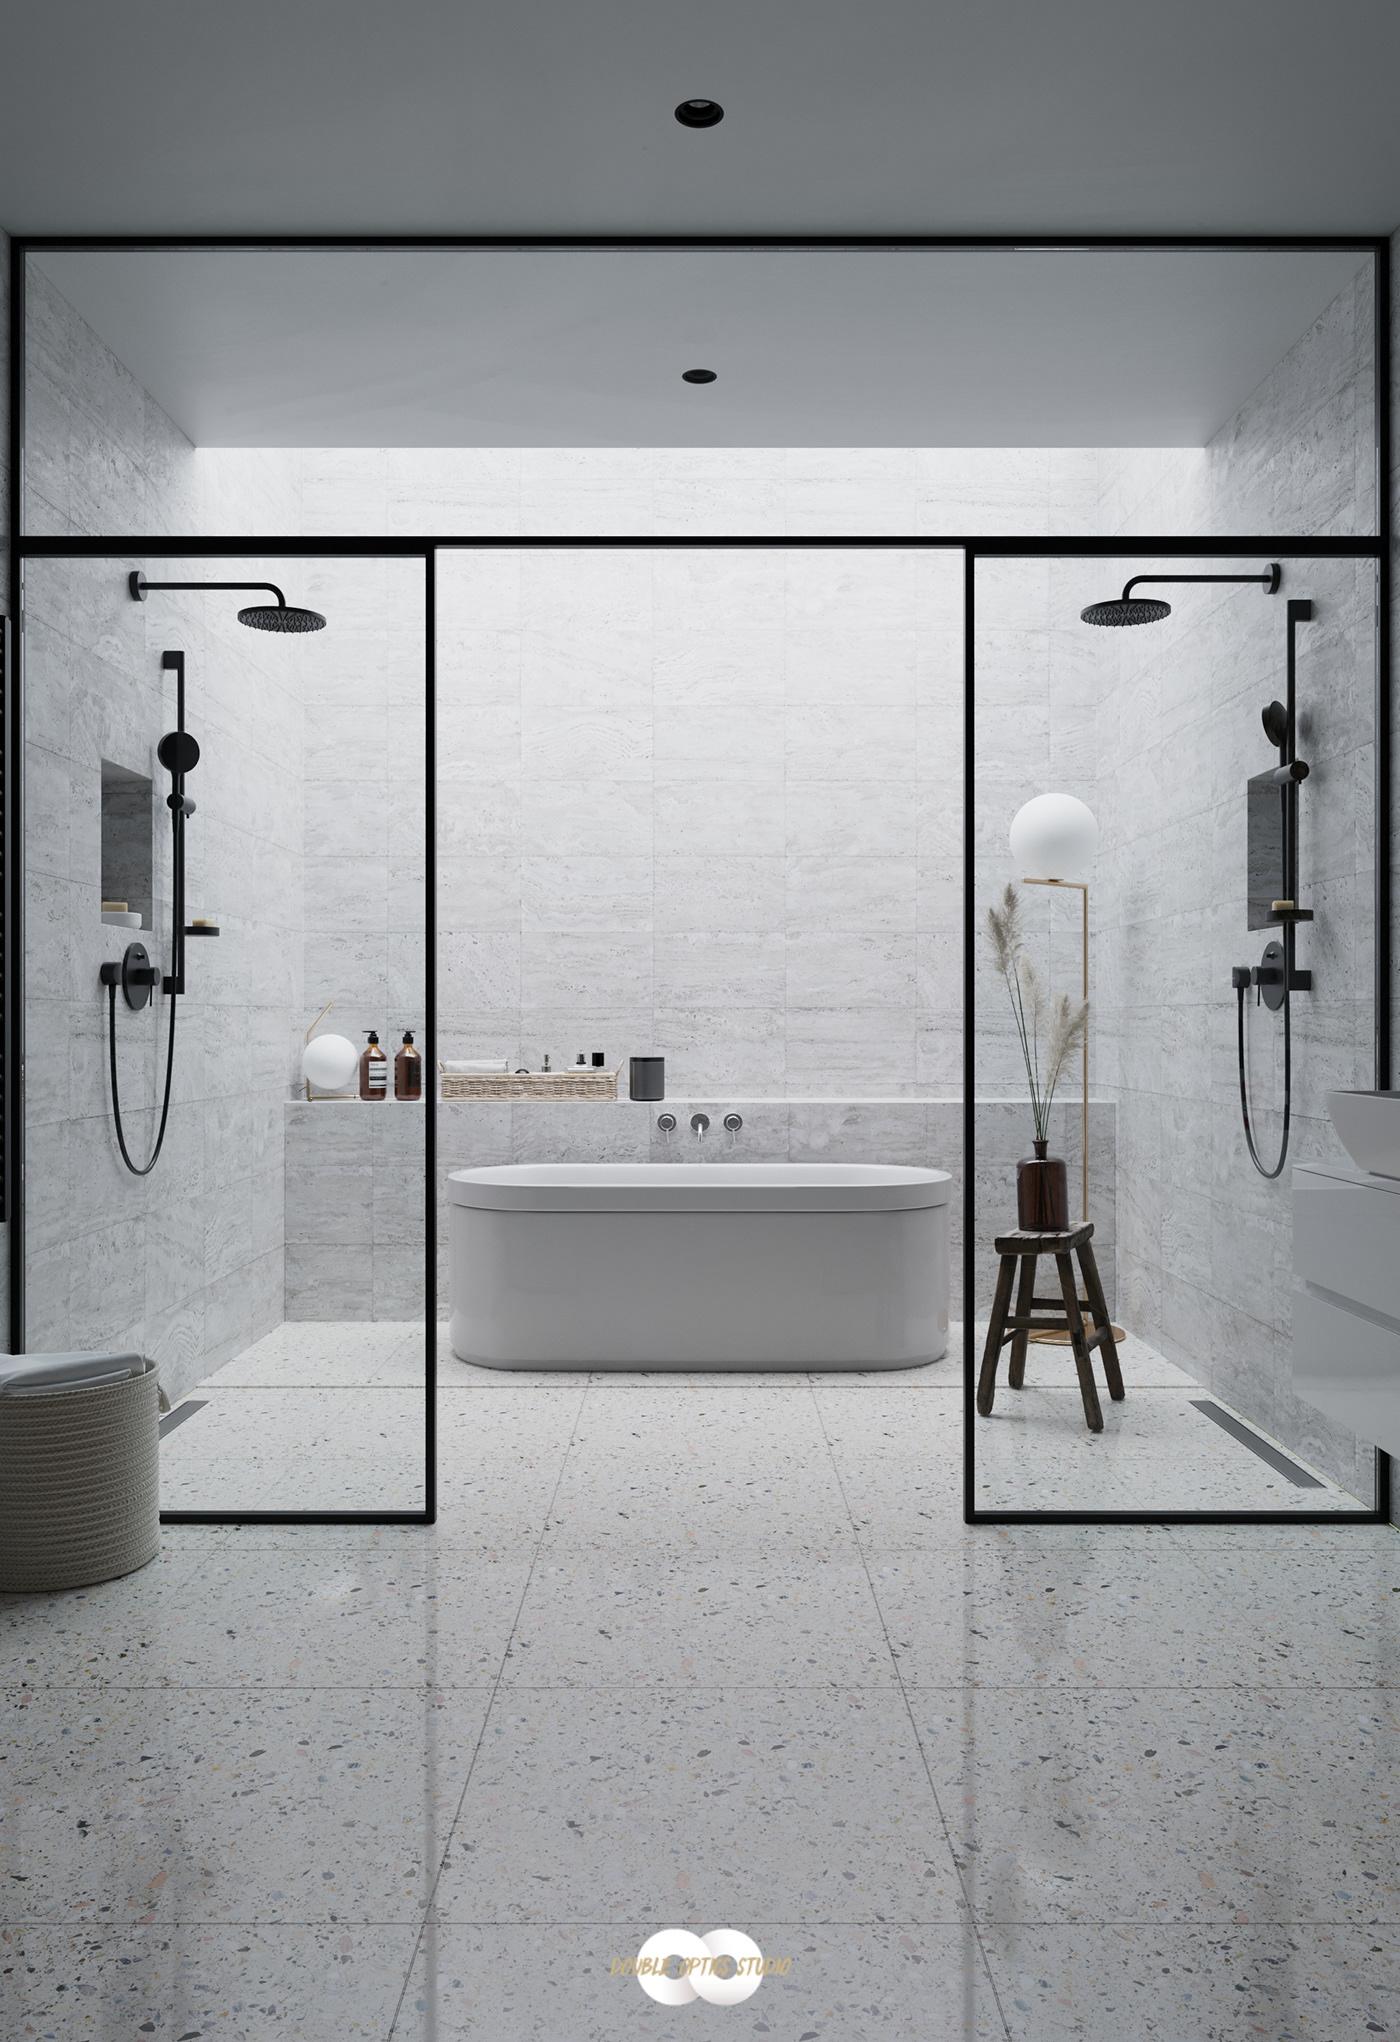 bathroom 3D CGI architecture Interior design visualisation 3drender interiordesign luxuryliving